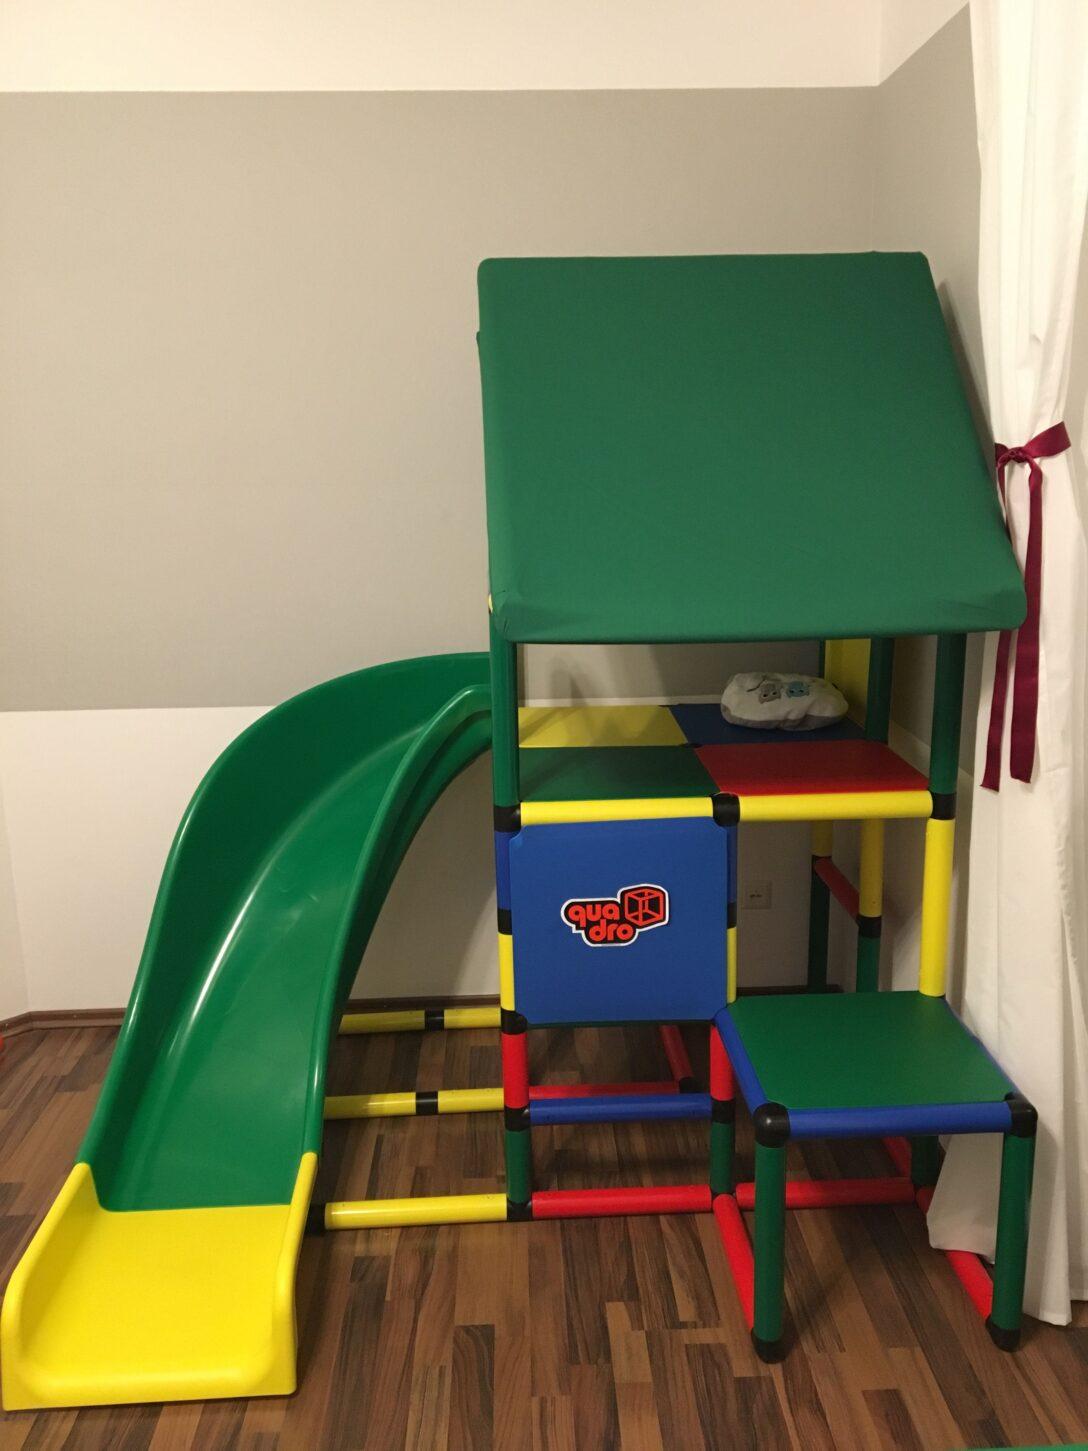 Large Size of Kidwood Klettergerüst Indoor Klettergerst Von Quadro Frs Kinderzimmer Einfach Super Garten Wohnzimmer Kidwood Klettergerüst